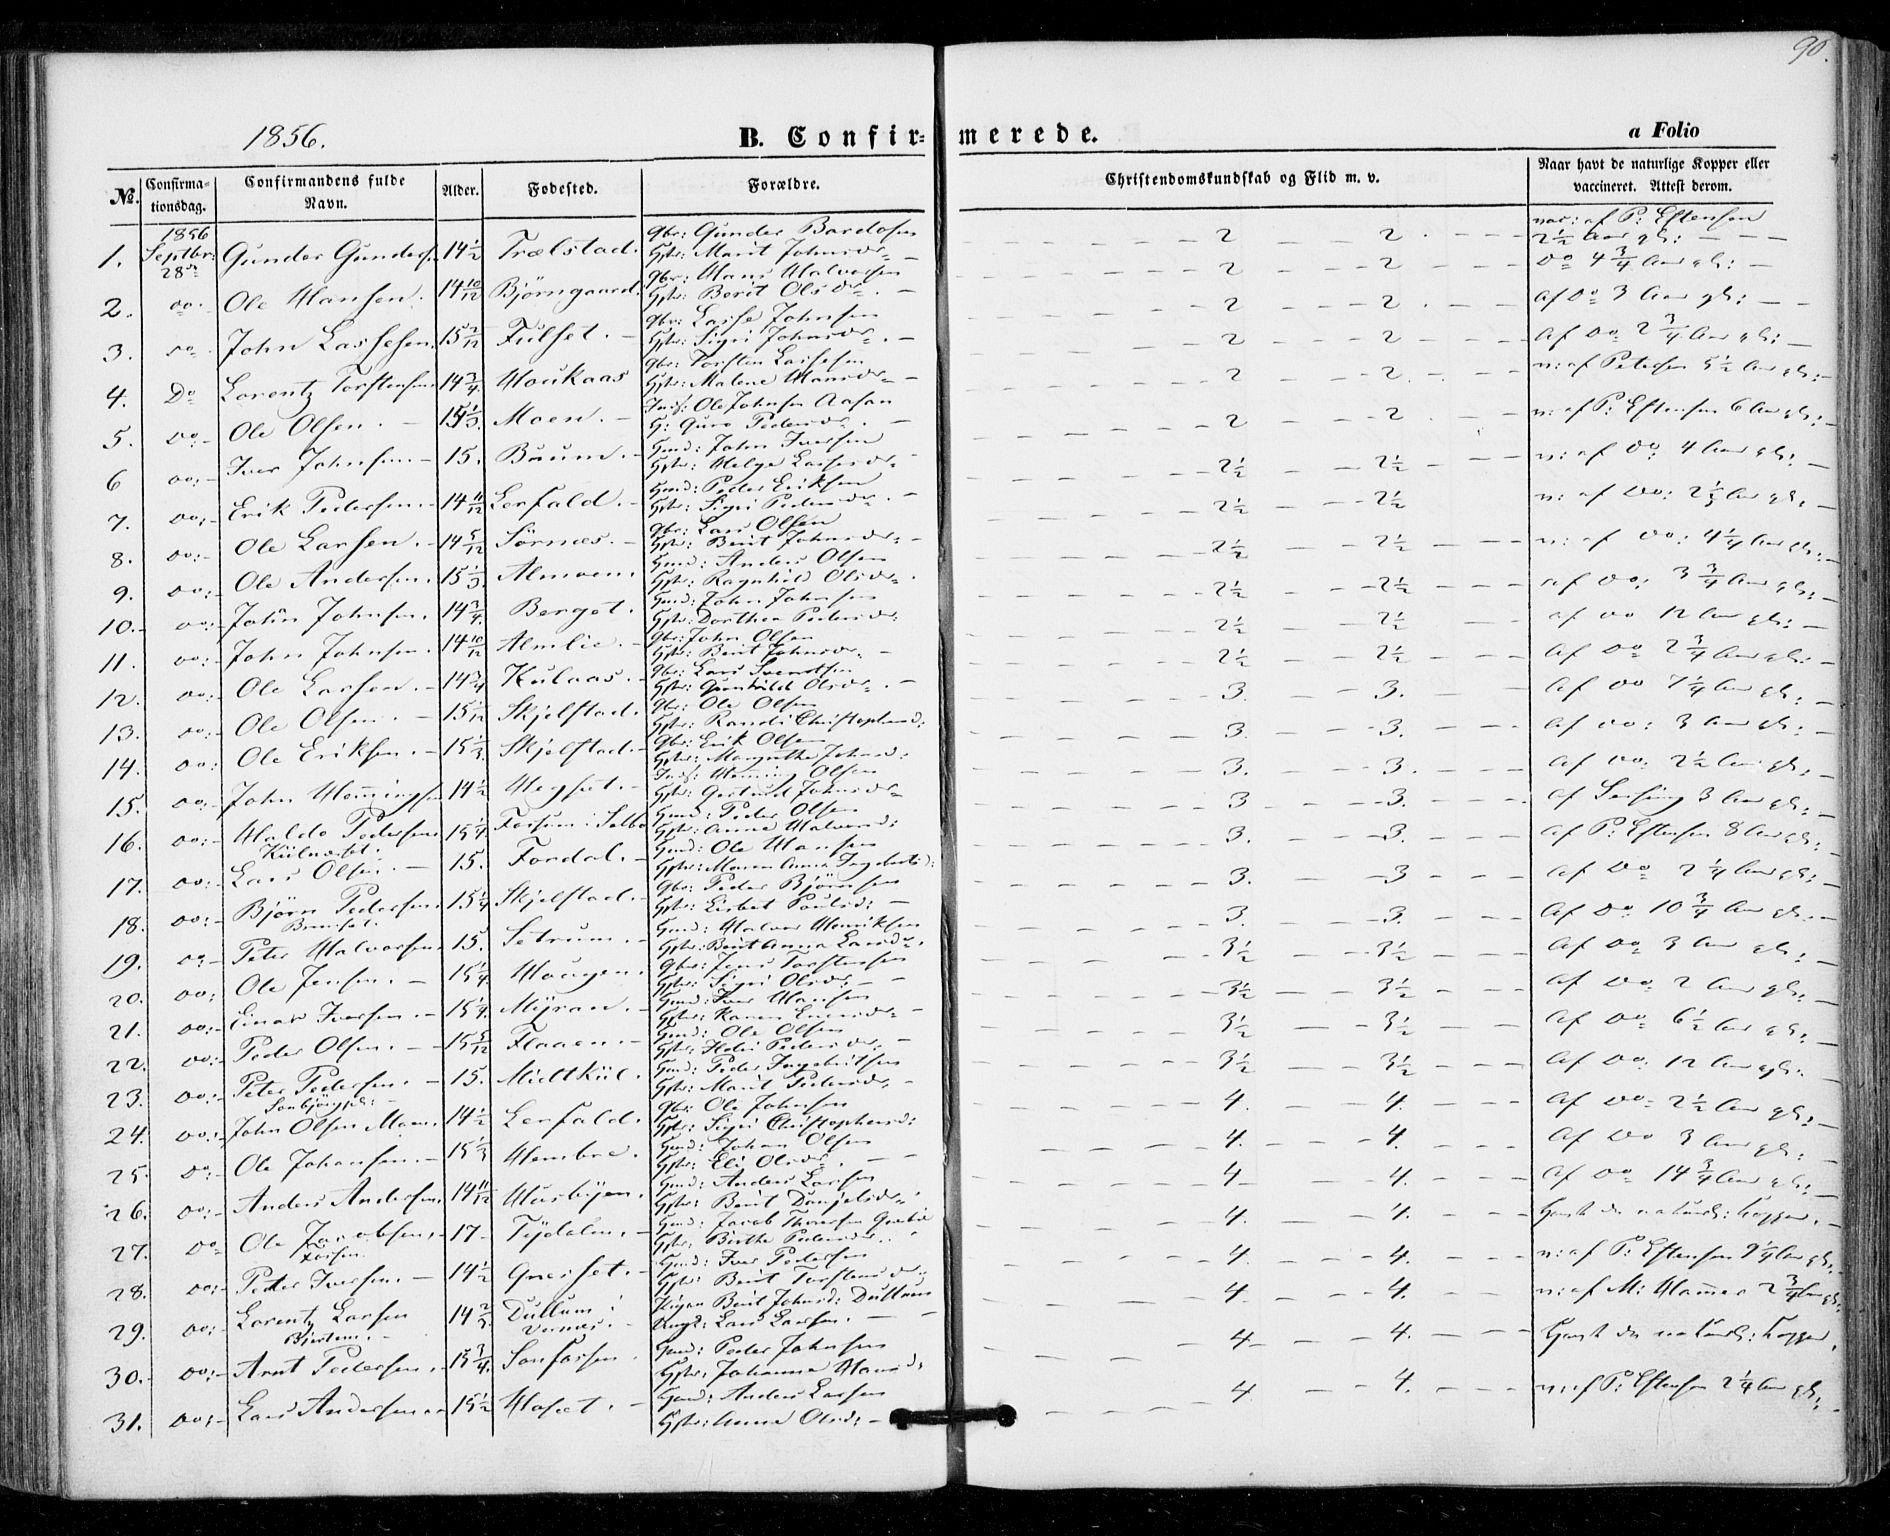 SAT, Ministerialprotokoller, klokkerbøker og fødselsregistre - Nord-Trøndelag, 703/L0028: Ministerialbok nr. 703A01, 1850-1862, s. 90